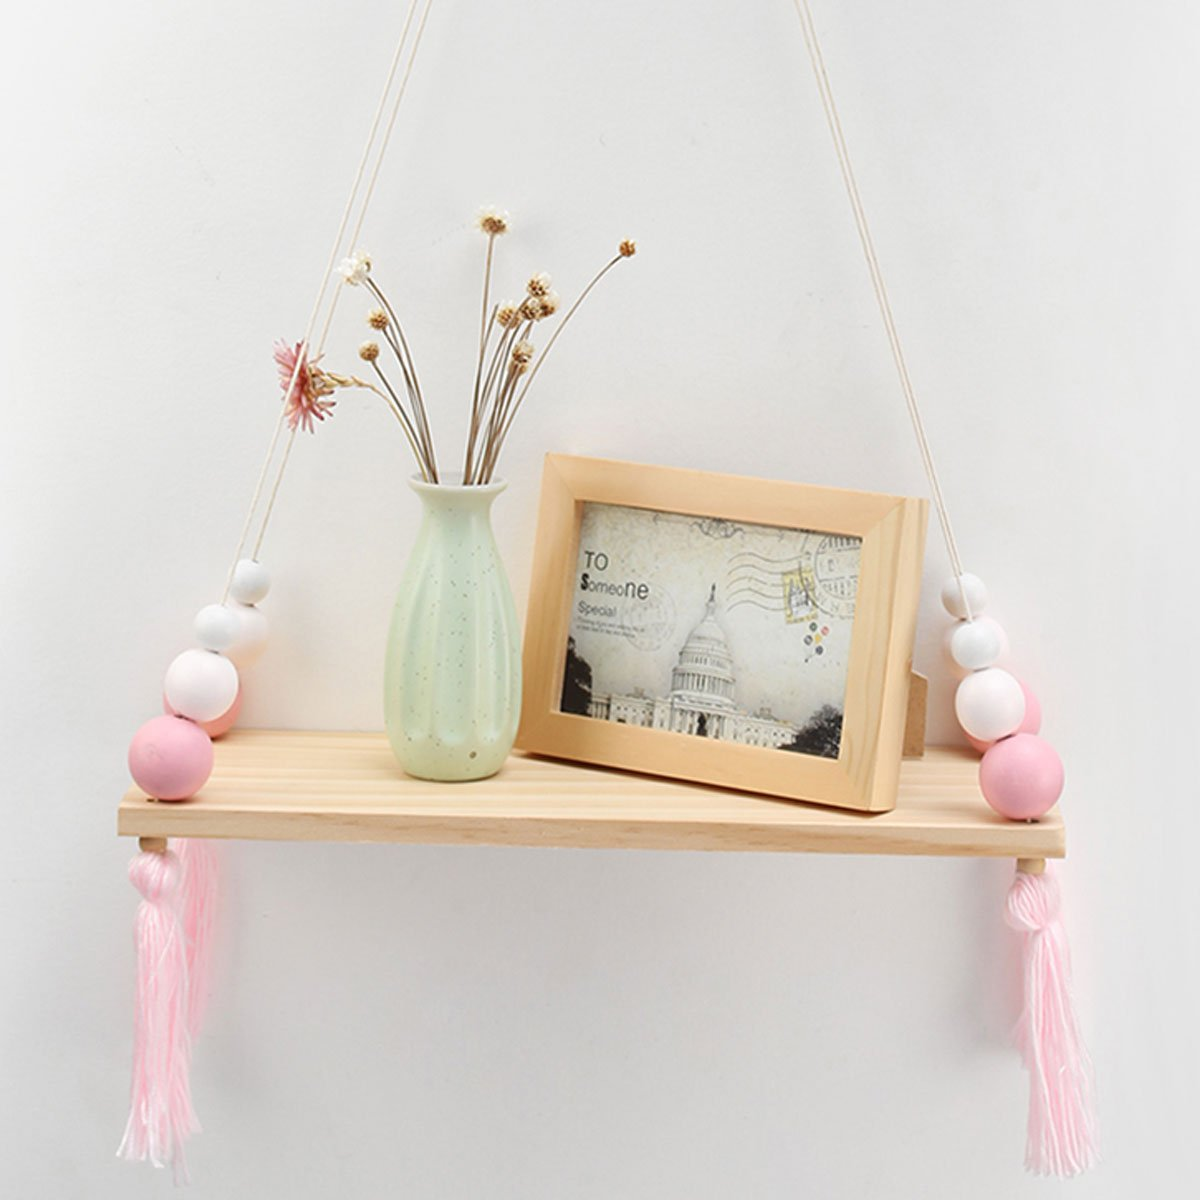 Rosa e Bianco Portaoggetti Pensile in Legno da Muro king do way Mensola da Parete Appendere Mensole Sospese Creative da Casa 38 x 14 x 1.2cm